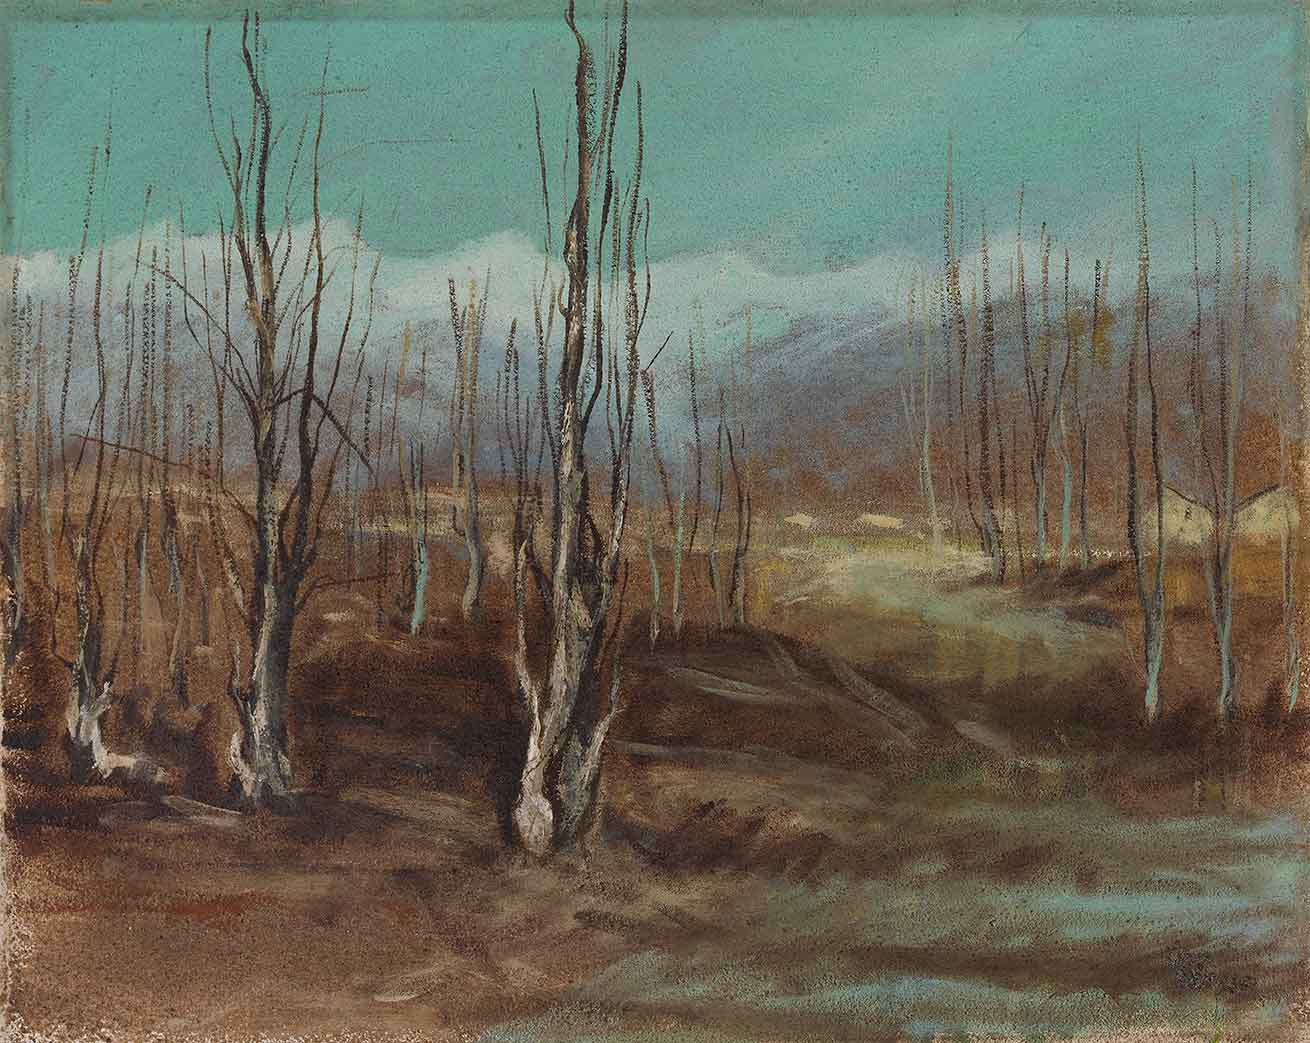 quadro paesaggio gressoney, olio su tela, pittore polesso fulvio